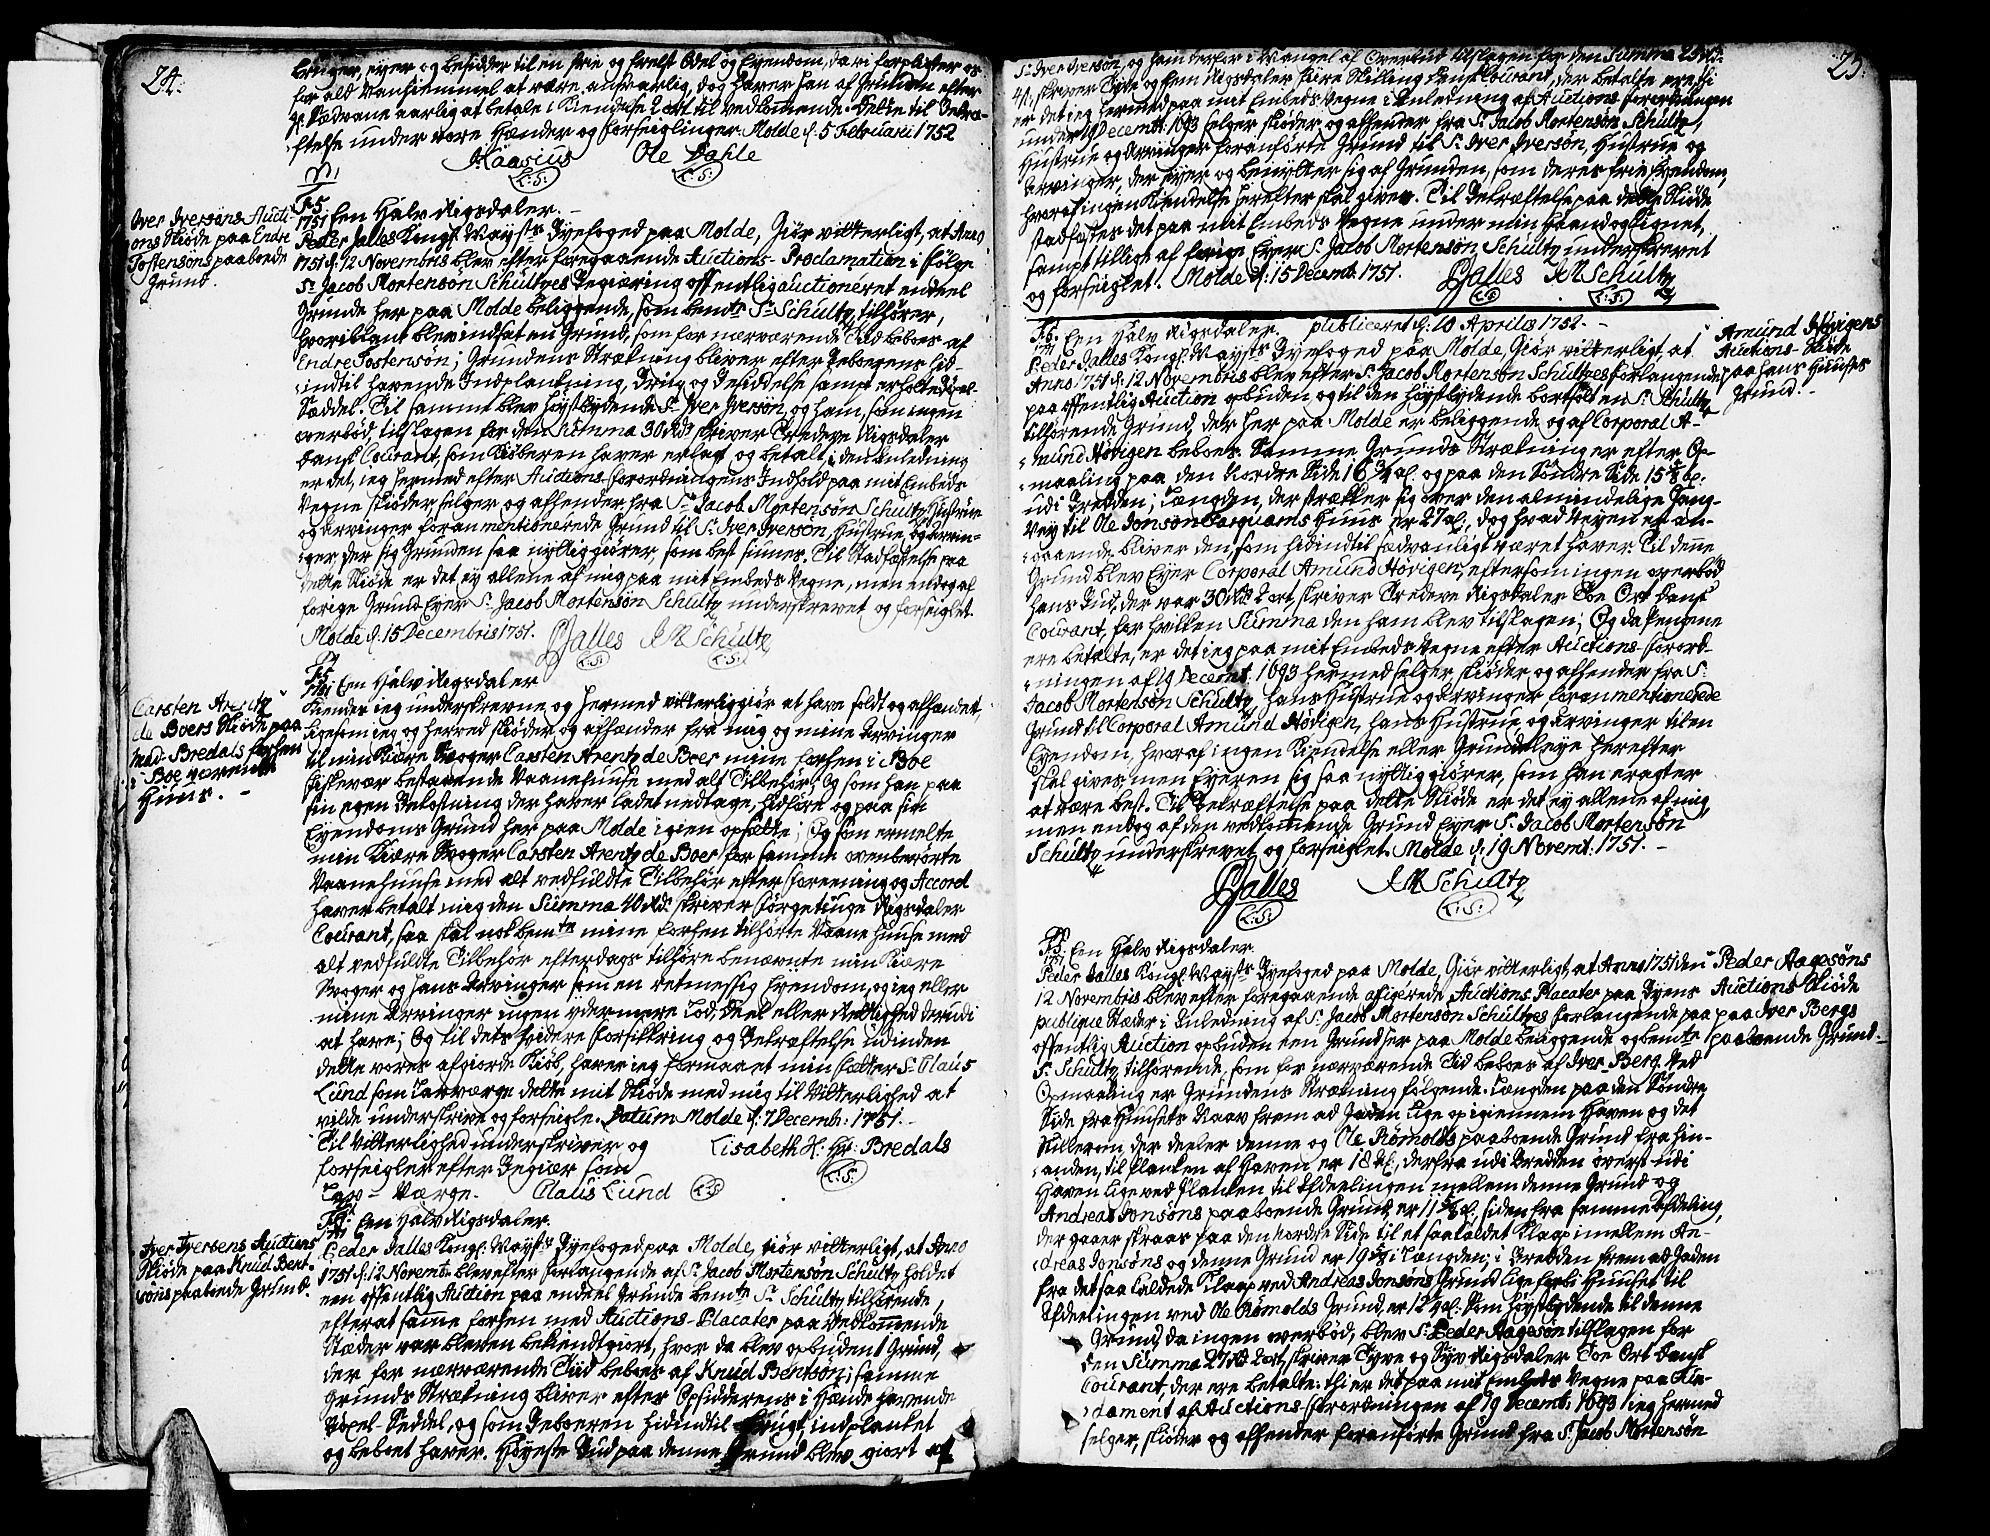 SAT, Molde byfogd, 2C/L0001: Pantebok nr. 1, 1748-1823, s. 24-25